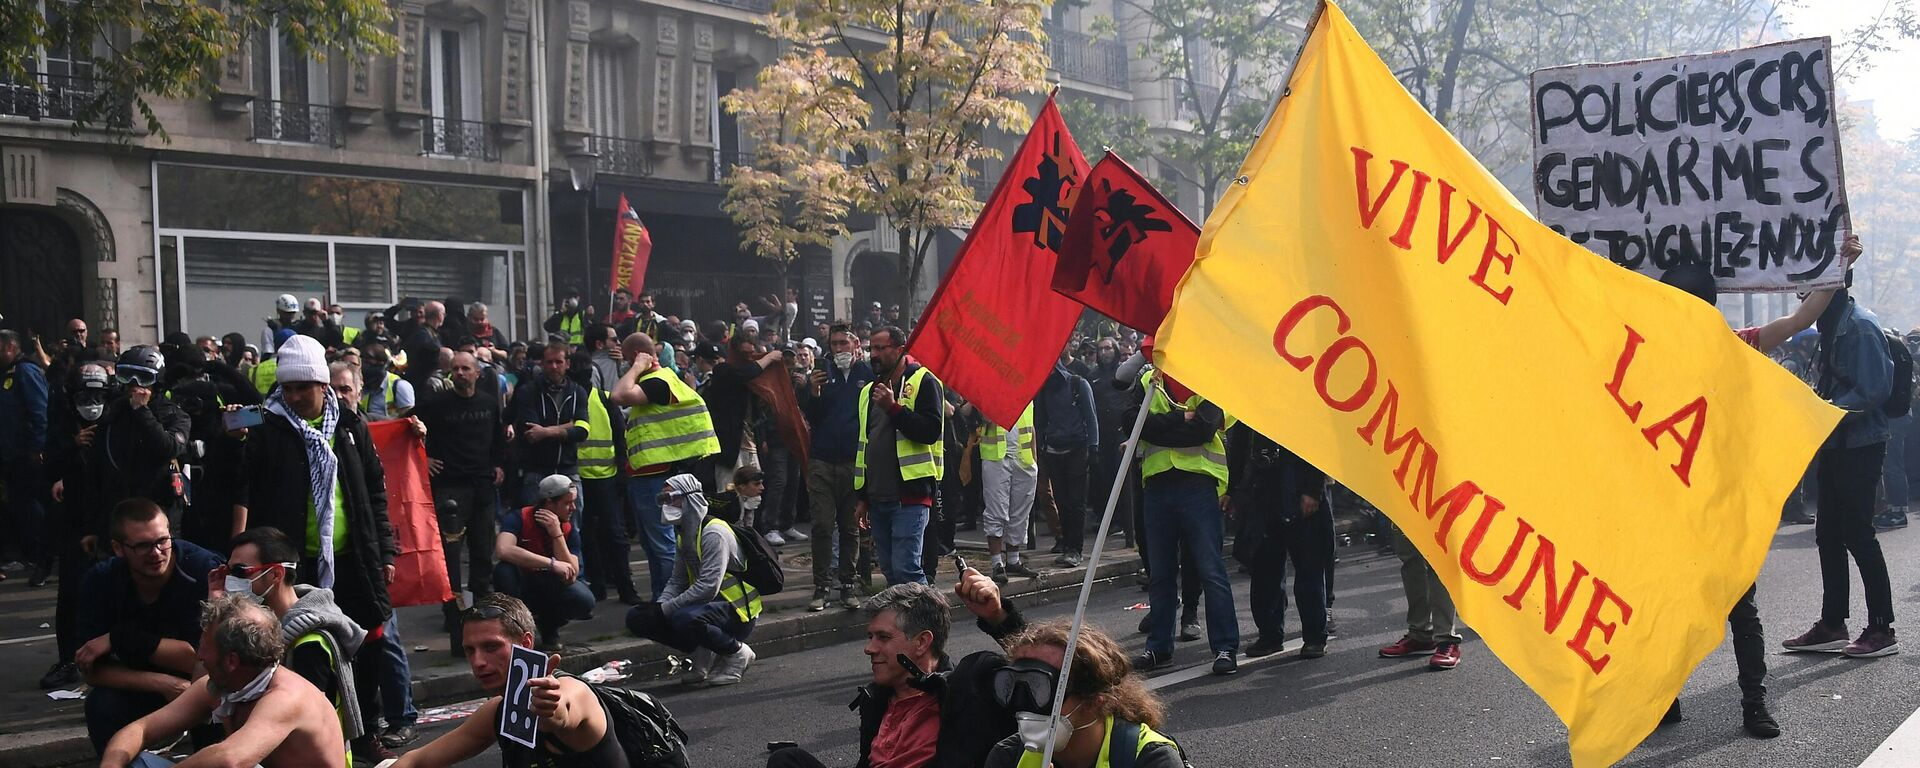 Una bandera con un lema que se refiere a la Comuna de París durante la Revolución Francesa - Sputnik Mundo, 1920, 18.03.2021